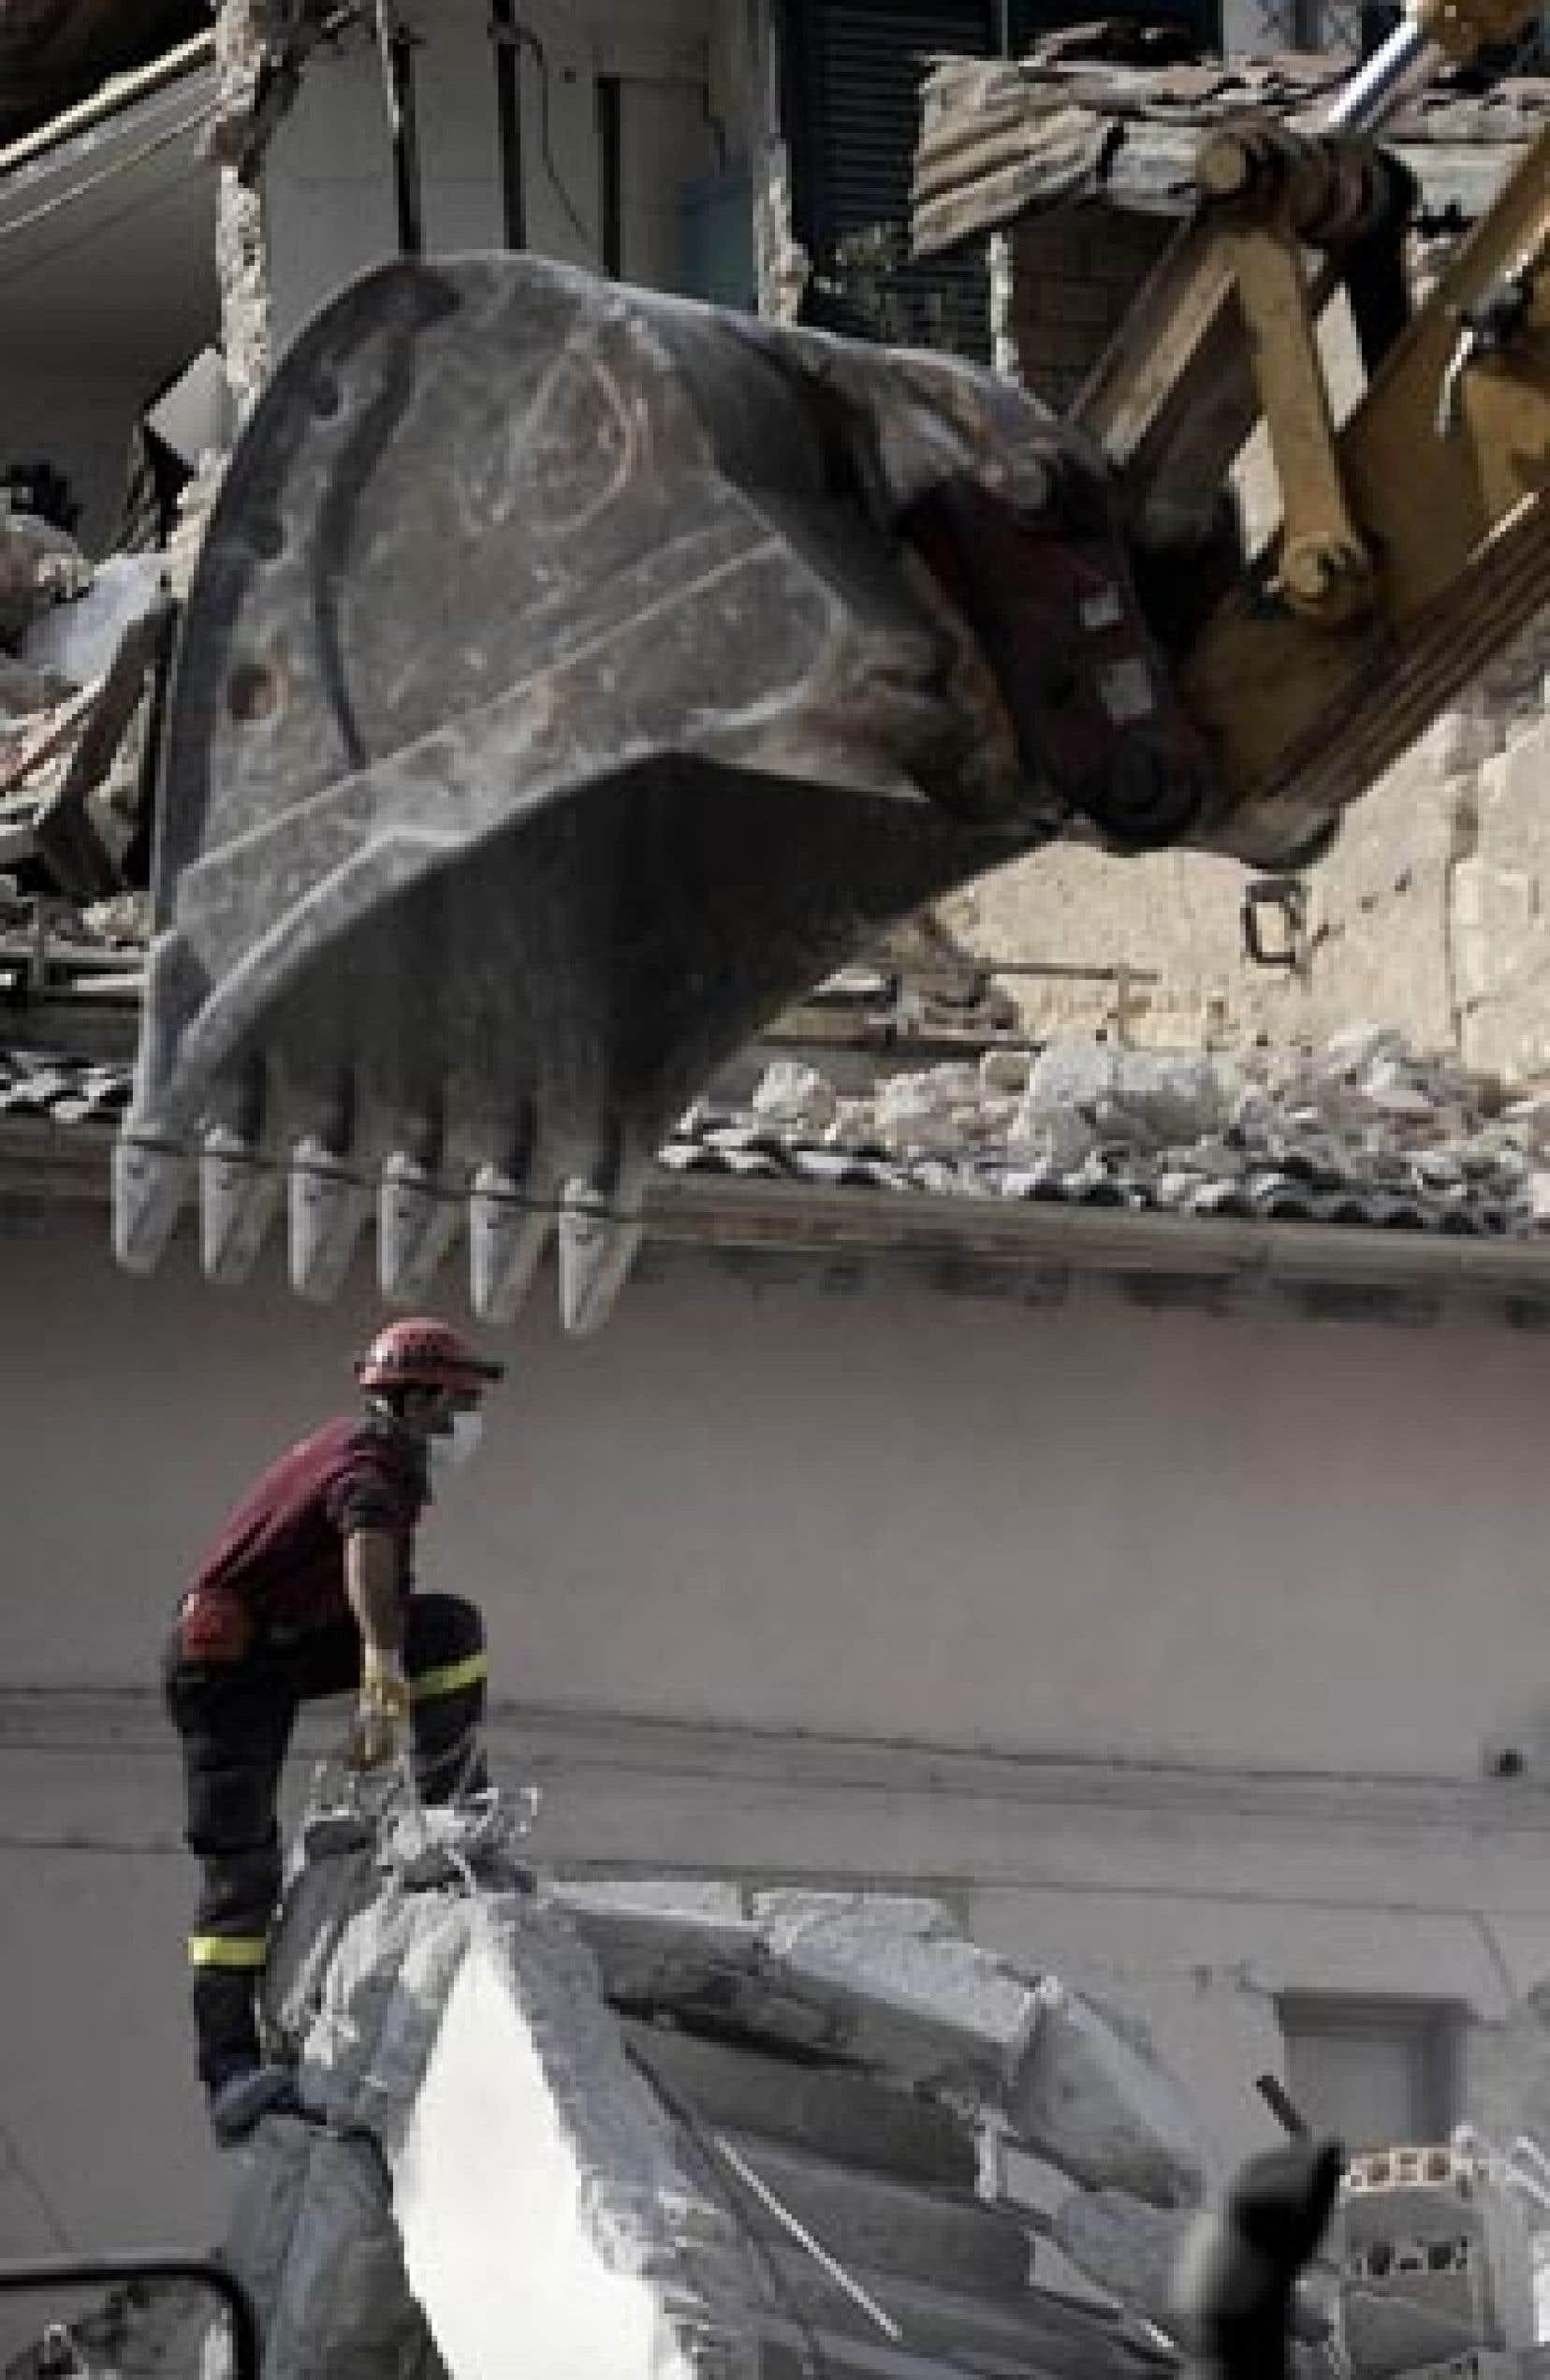 Les secouristes ont continué à fouiller les décombres, hier, en dépit des répliques qui ont compliqué leur tache.